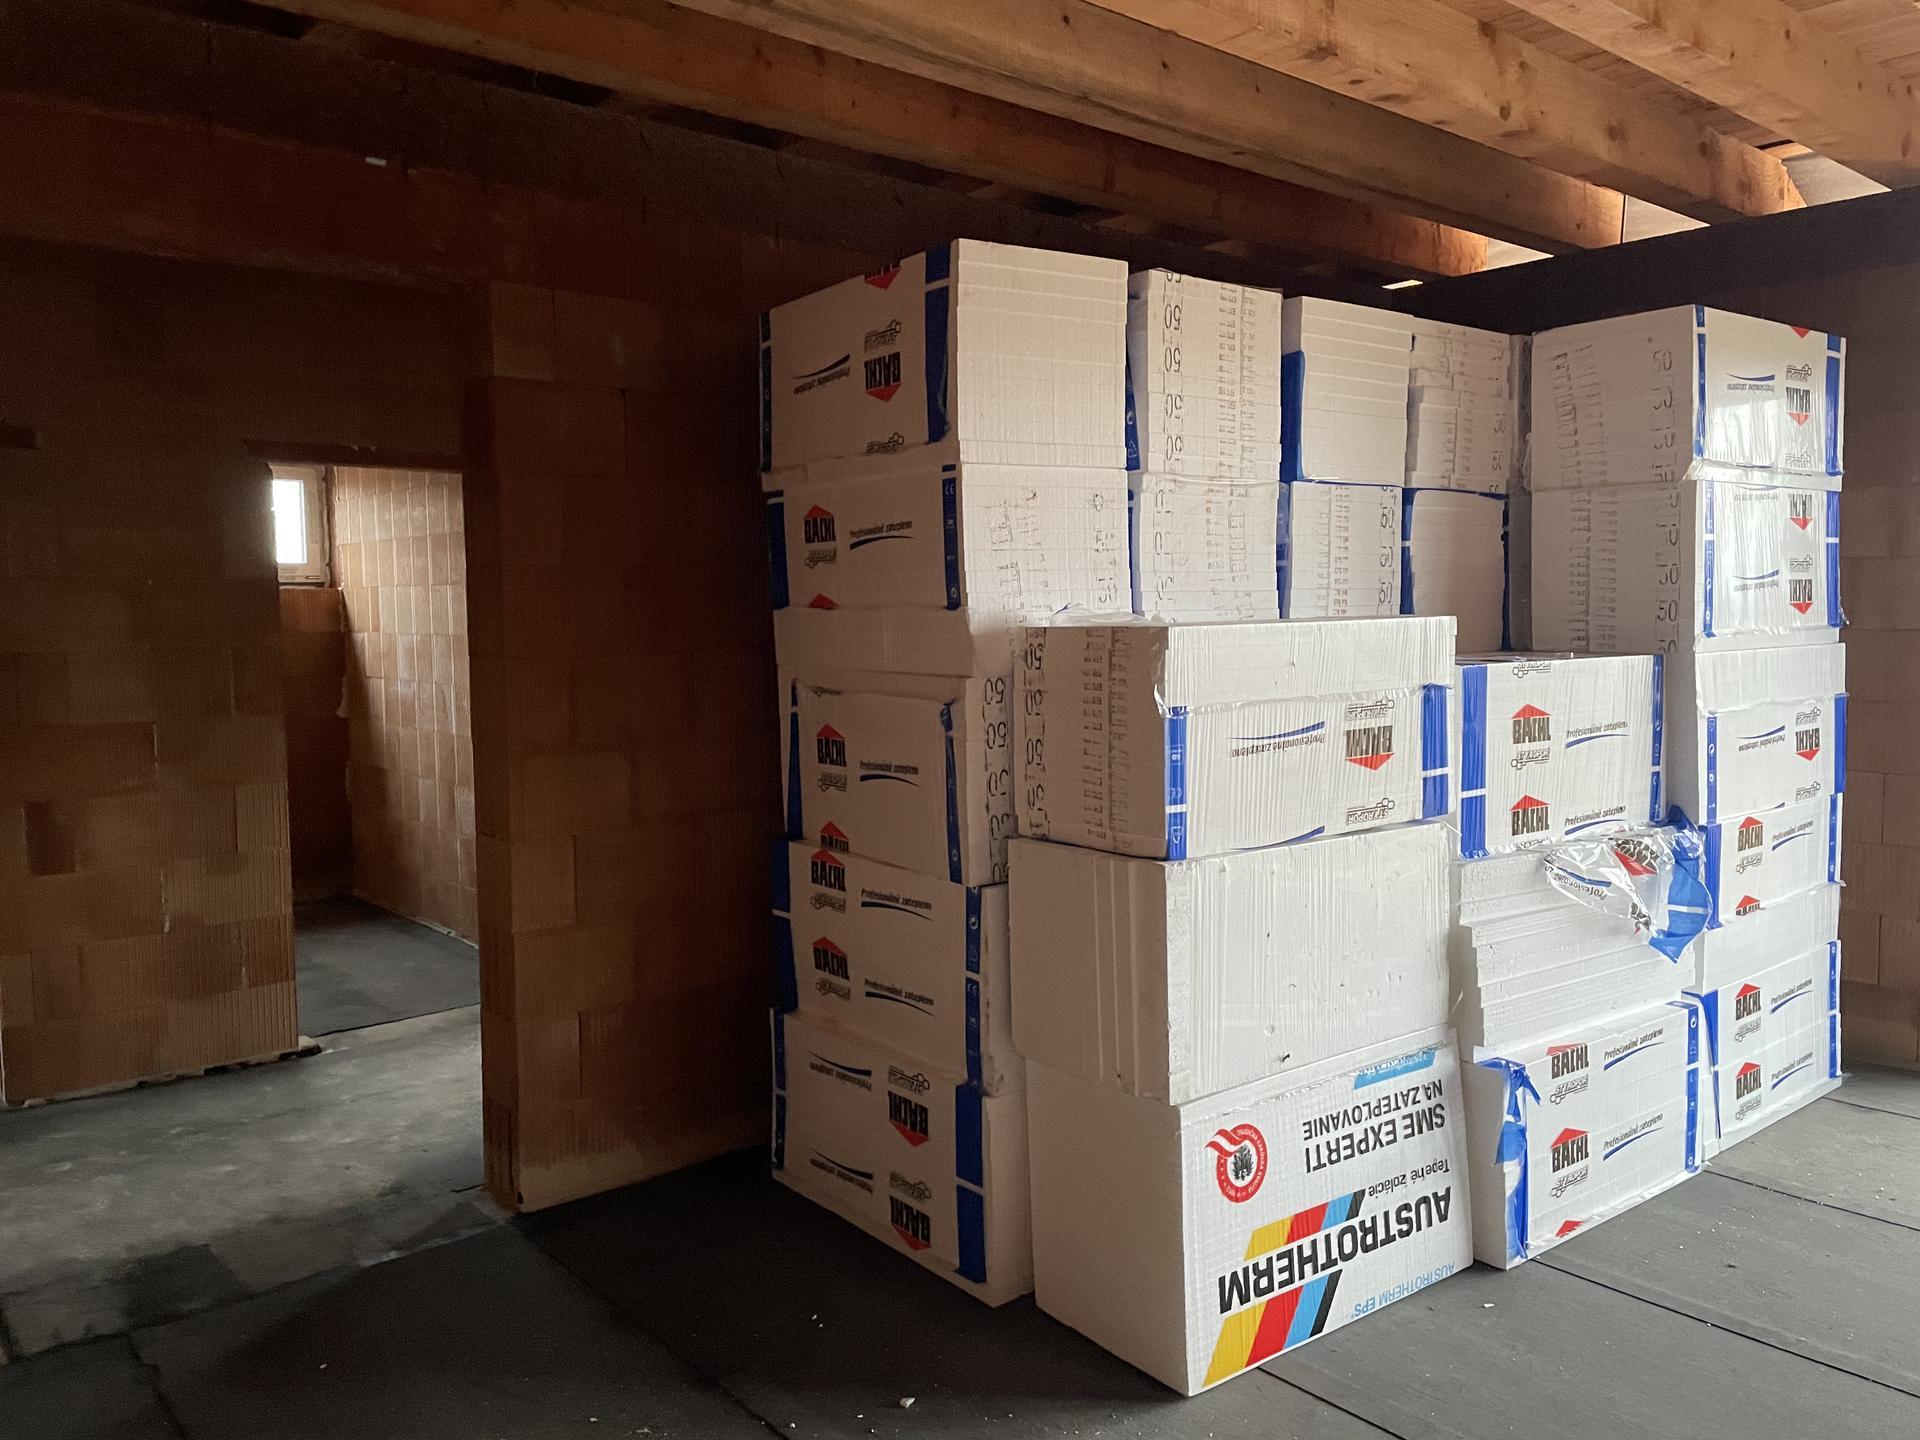 Náš domov :) - Pripravený podlahový polystyrén, podlaha zaizolovana